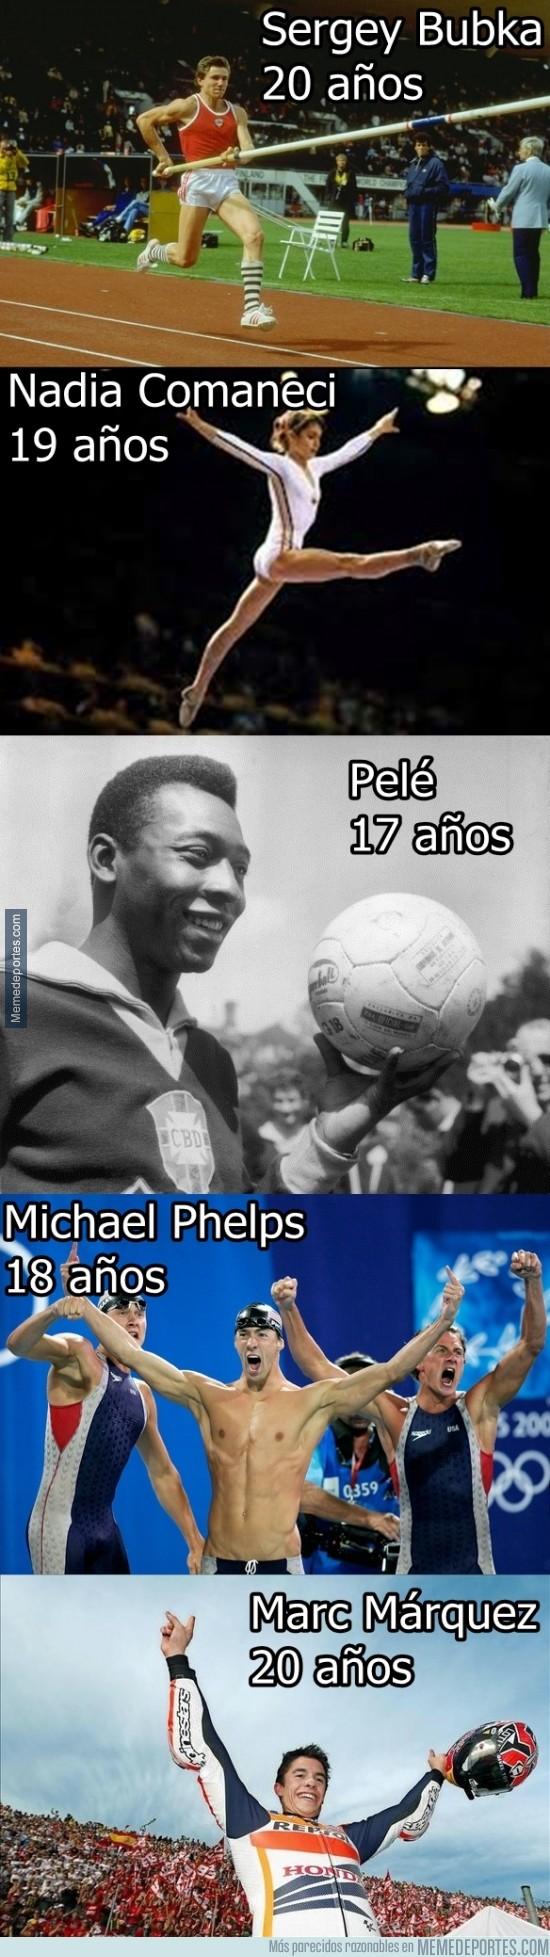 221956 - Los 5 atletas en lograr un mundial con 20 años o menos